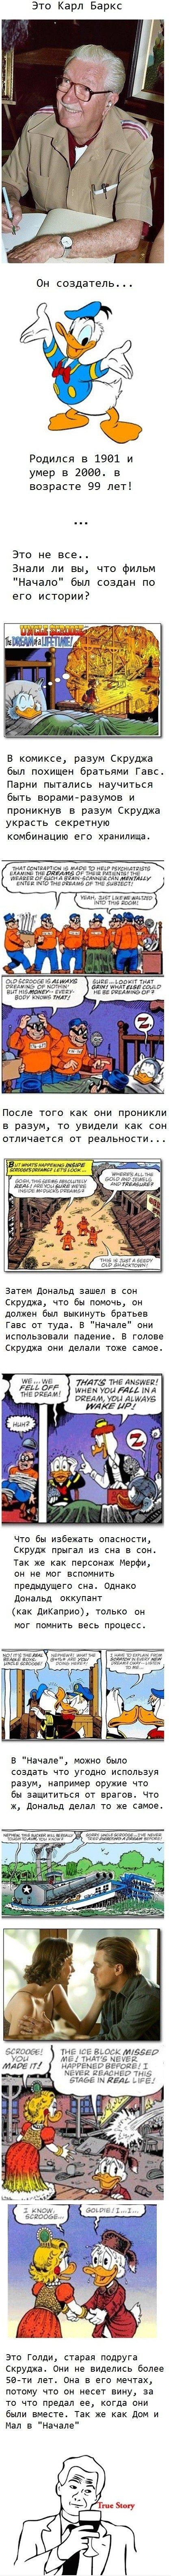 Пост в «Паб» от 05.02.2012 - Изображение 1